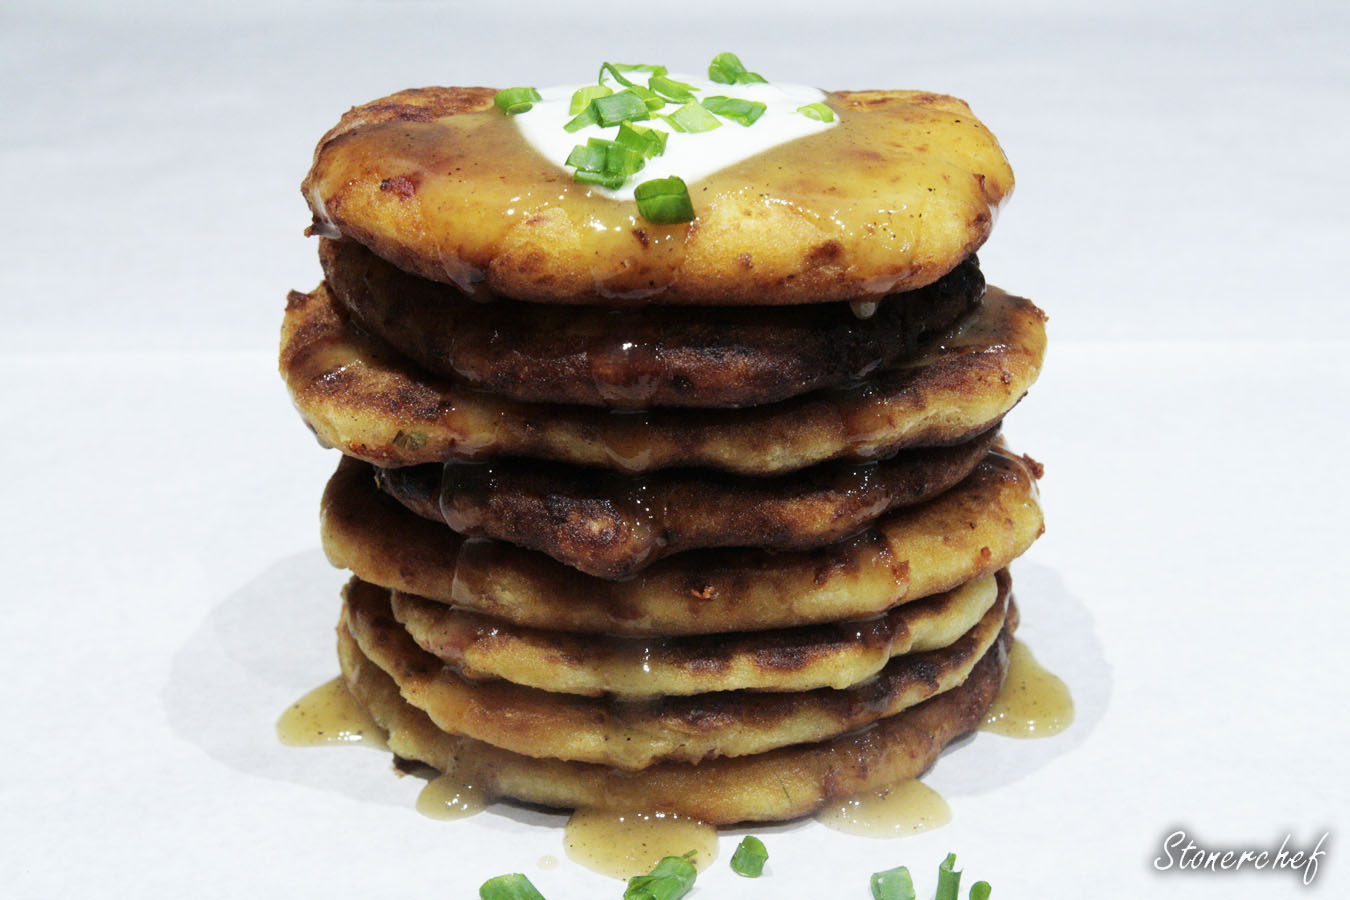 http://www.stonerchef.pl/wp-content/uploads/2017/02/ziemniaczane-pancakes-ociekajace-syropem.jpg